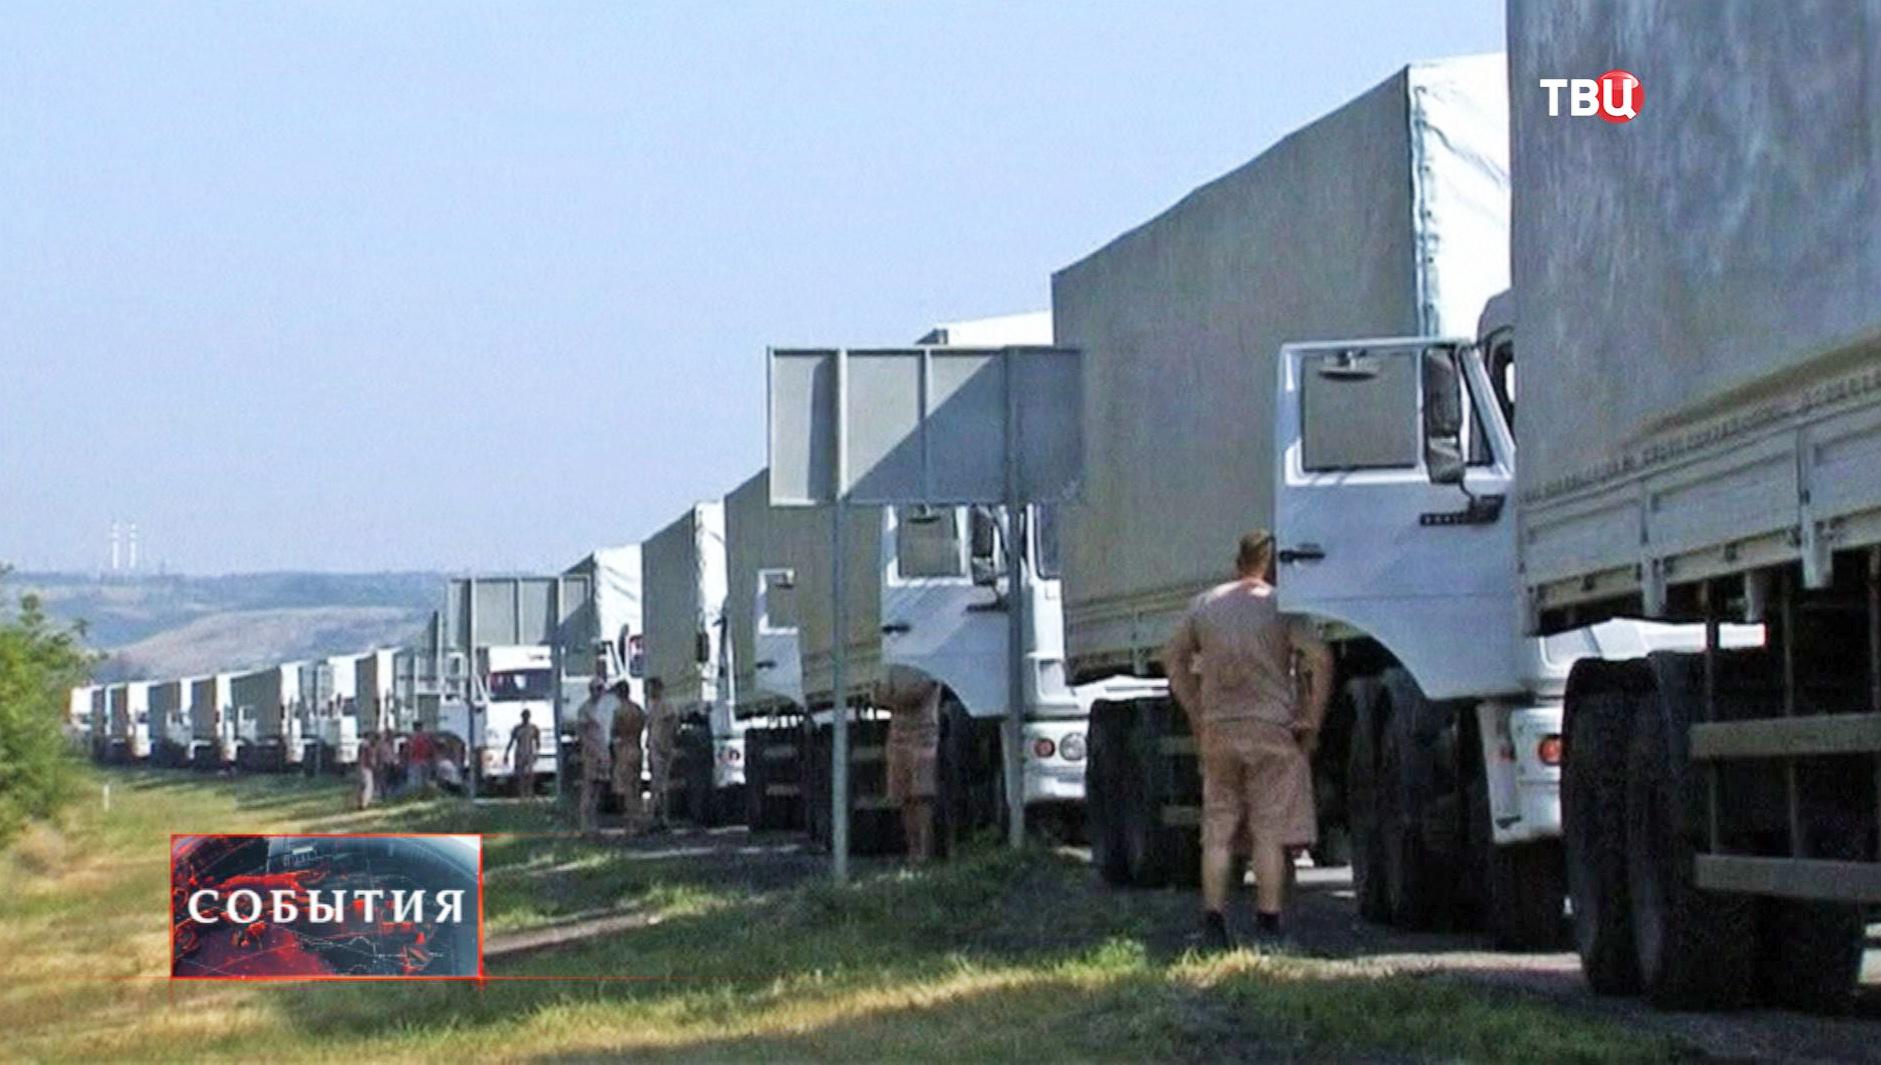 Автоколонна с гуманитарной помощью для жителей юго-востока Украины в Ростовской области